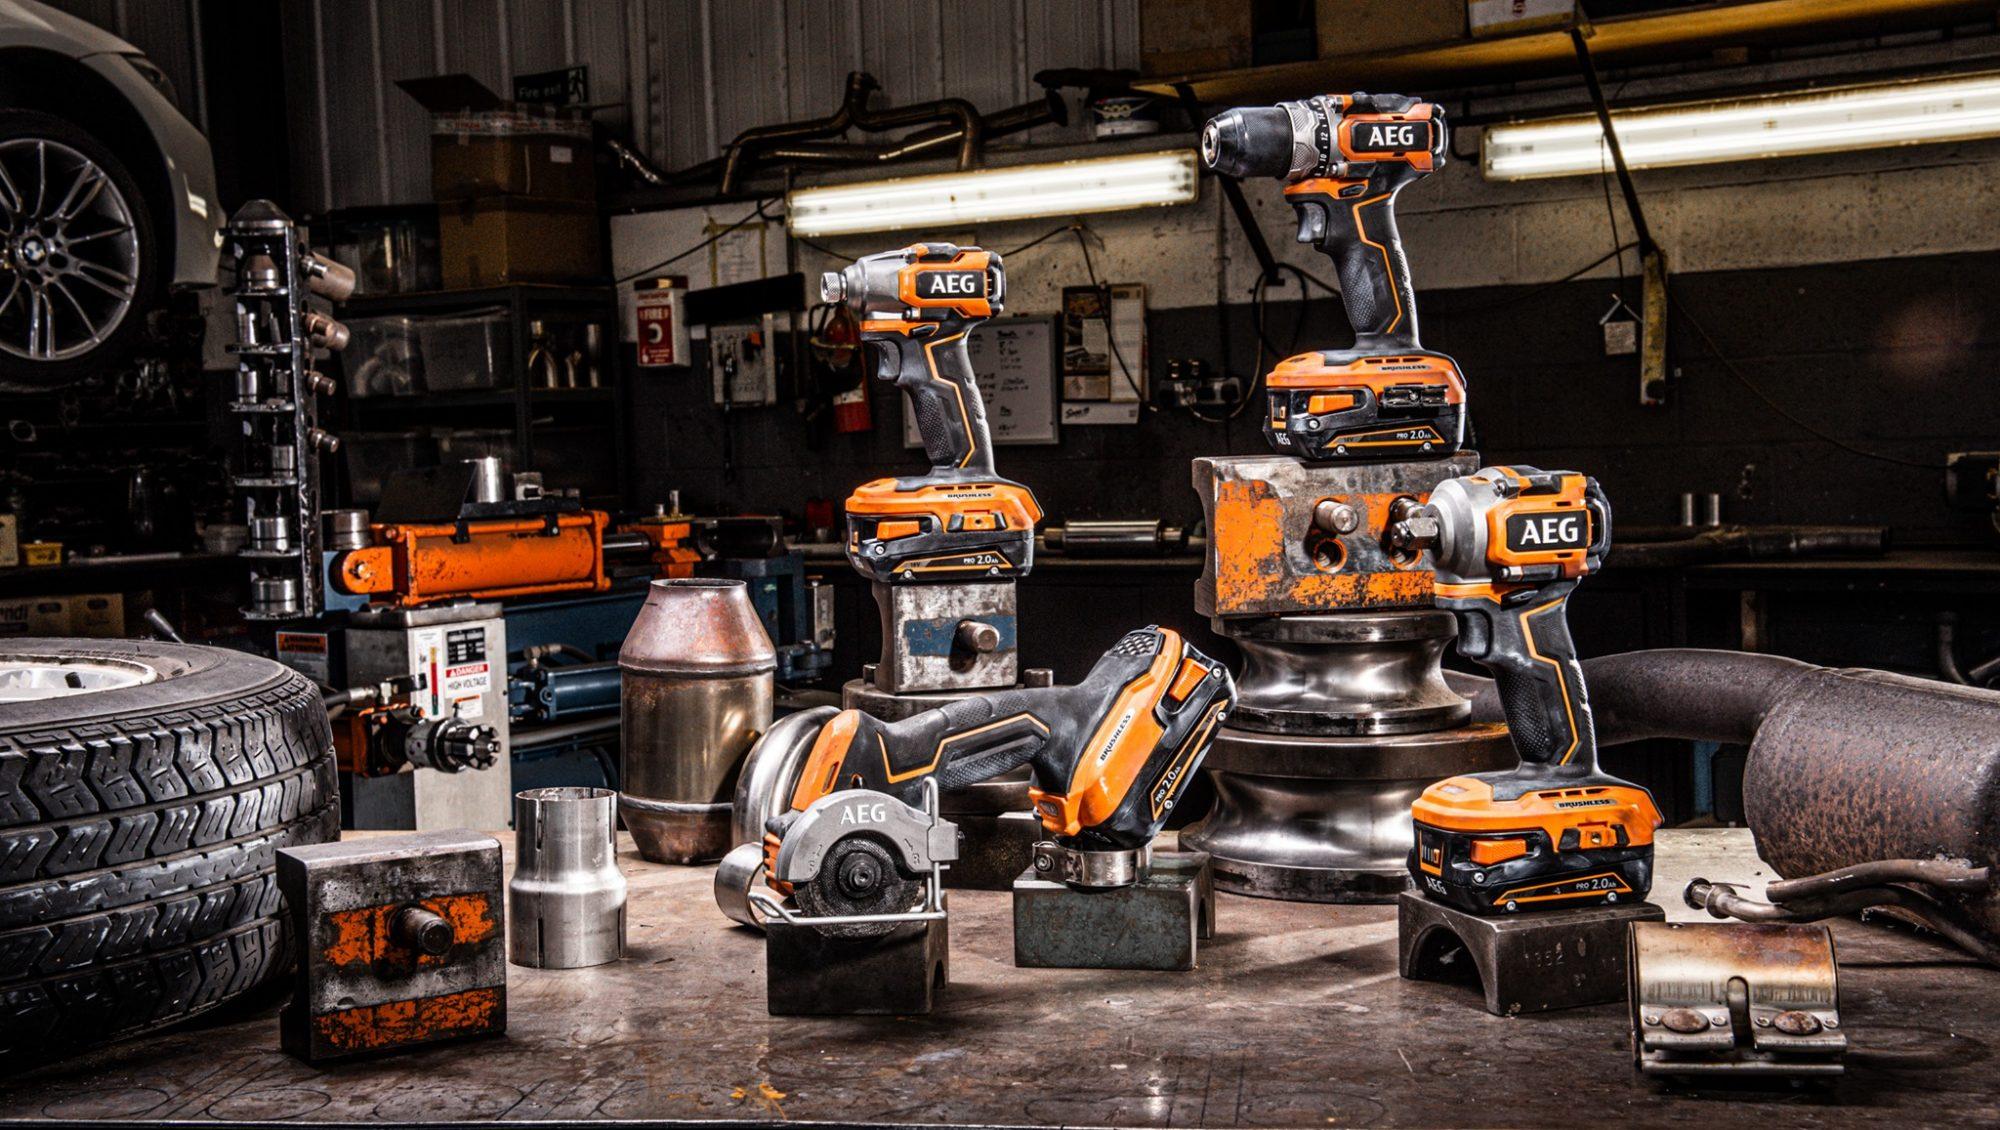 تصویر ست ابزارآلات